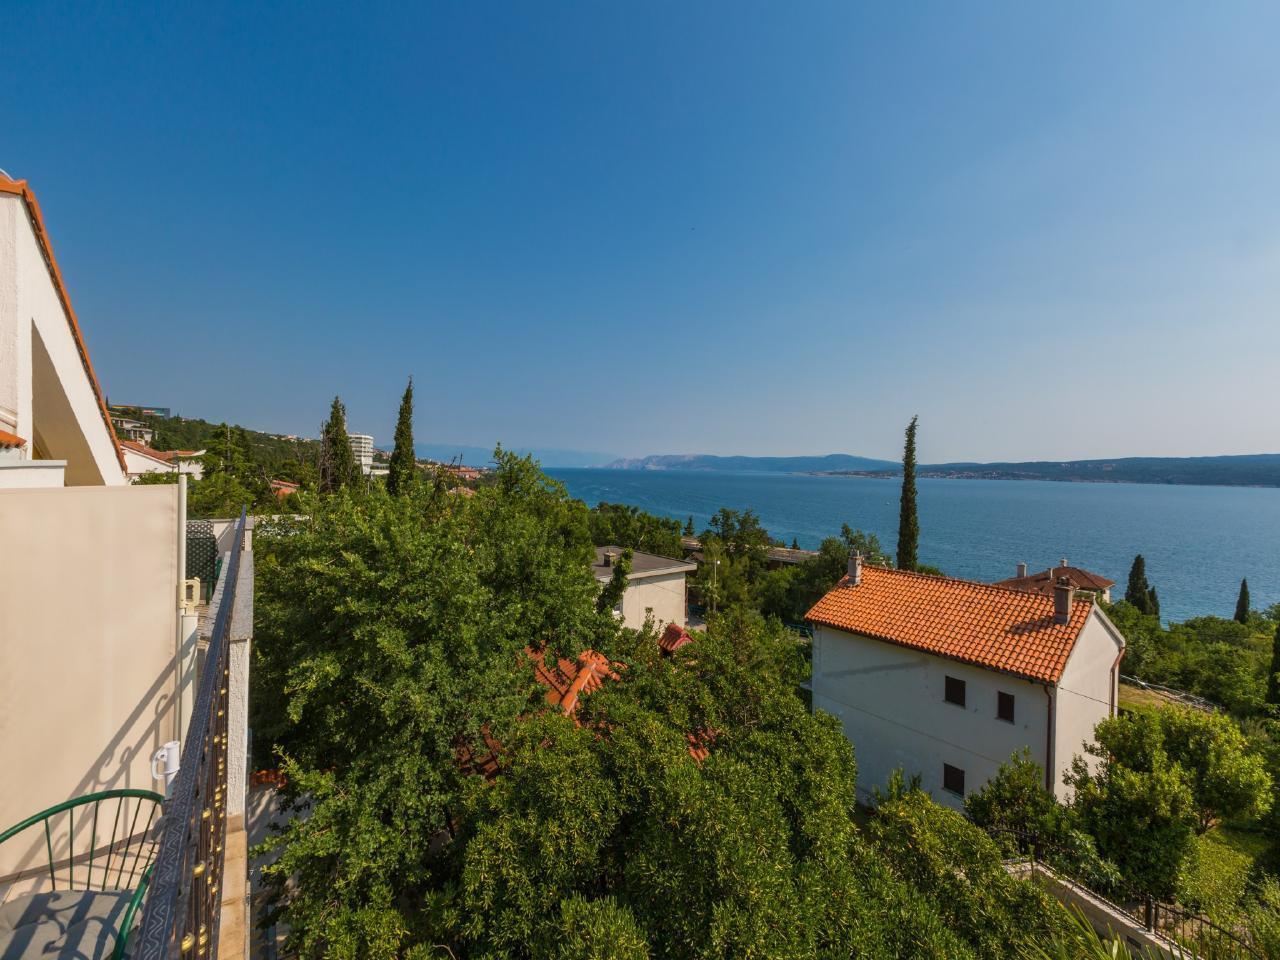 Ferienwohnung PERICIC PLAVI (934471), Crikvenica, , Kvarner, Kroatien, Bild 1